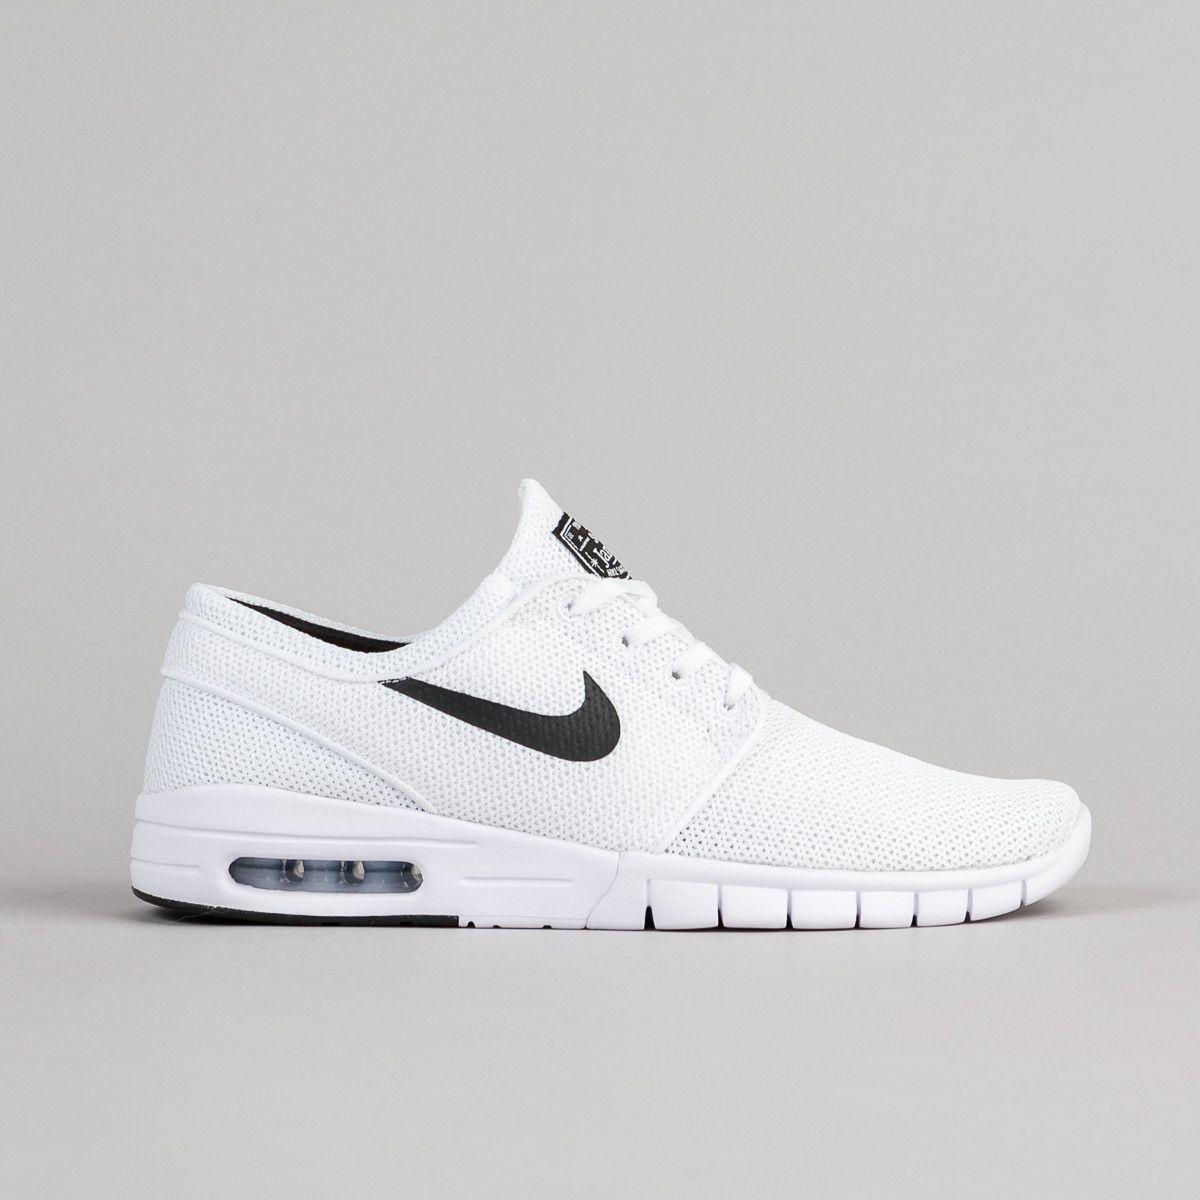 Nike SB Stefan Janoski Max Shoes - White / Black